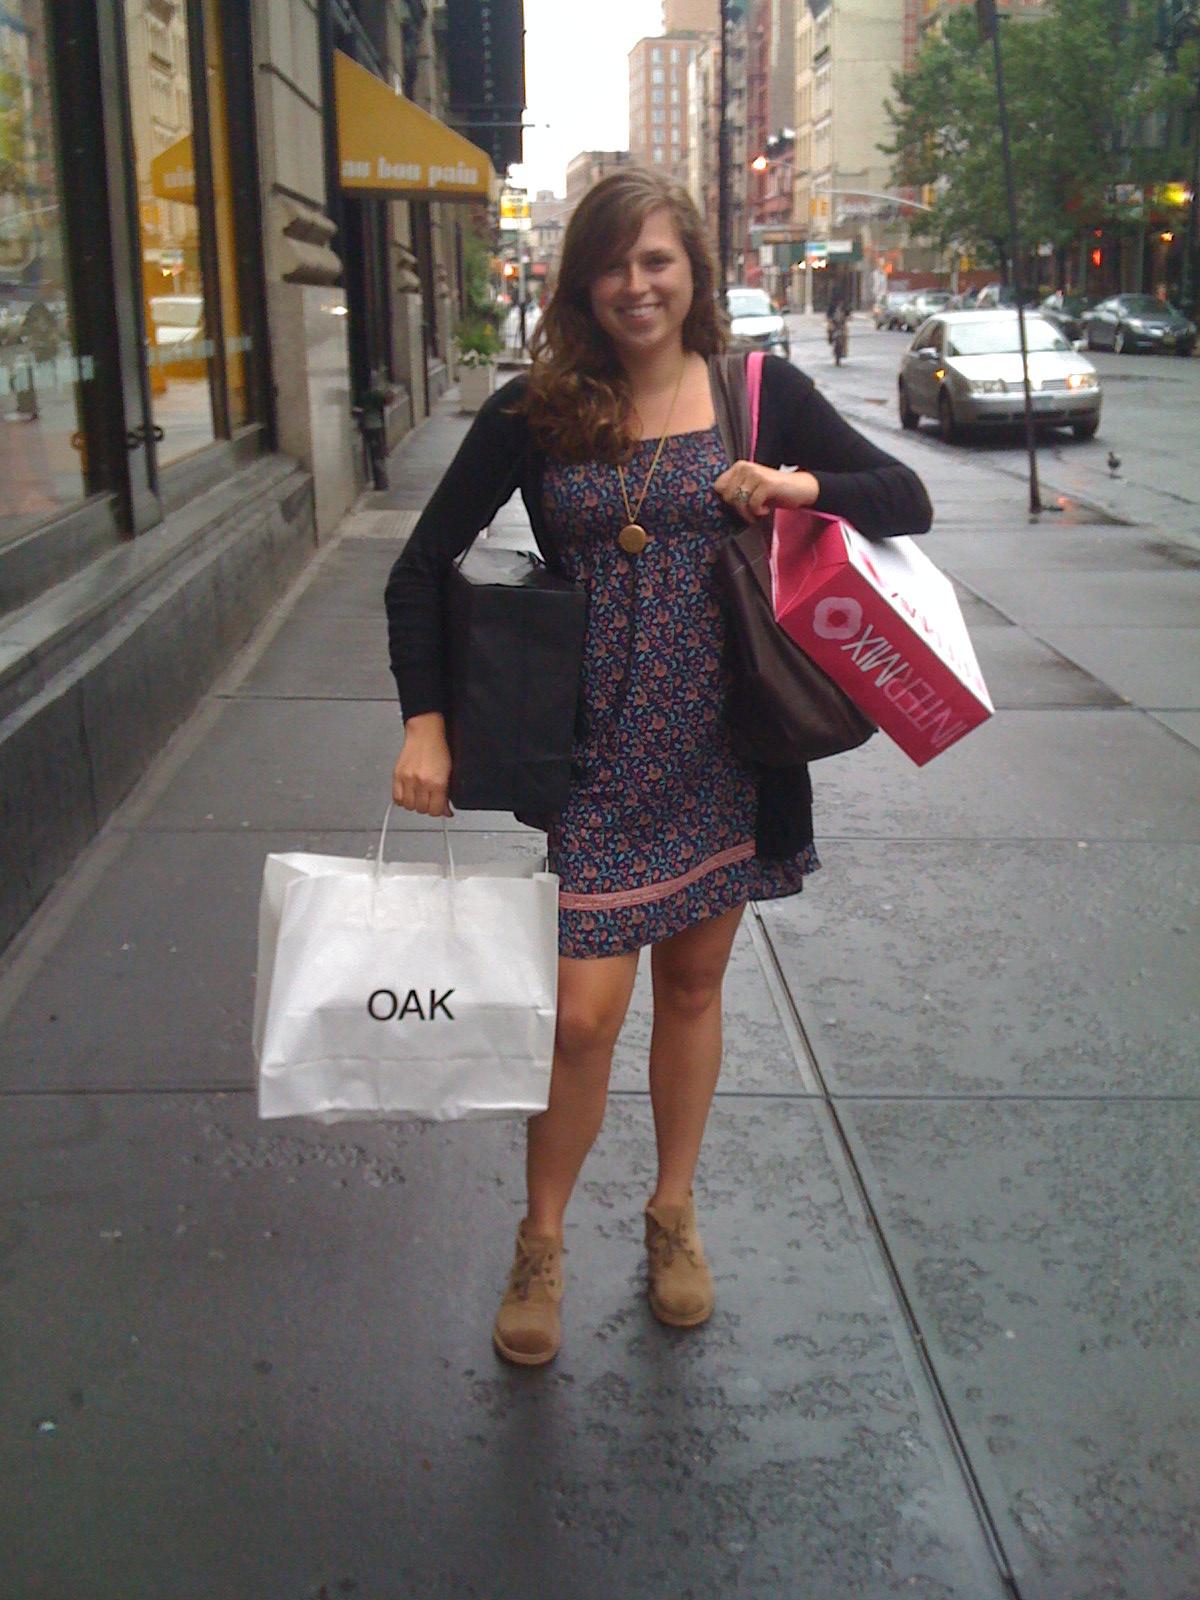 Chelsey shopping